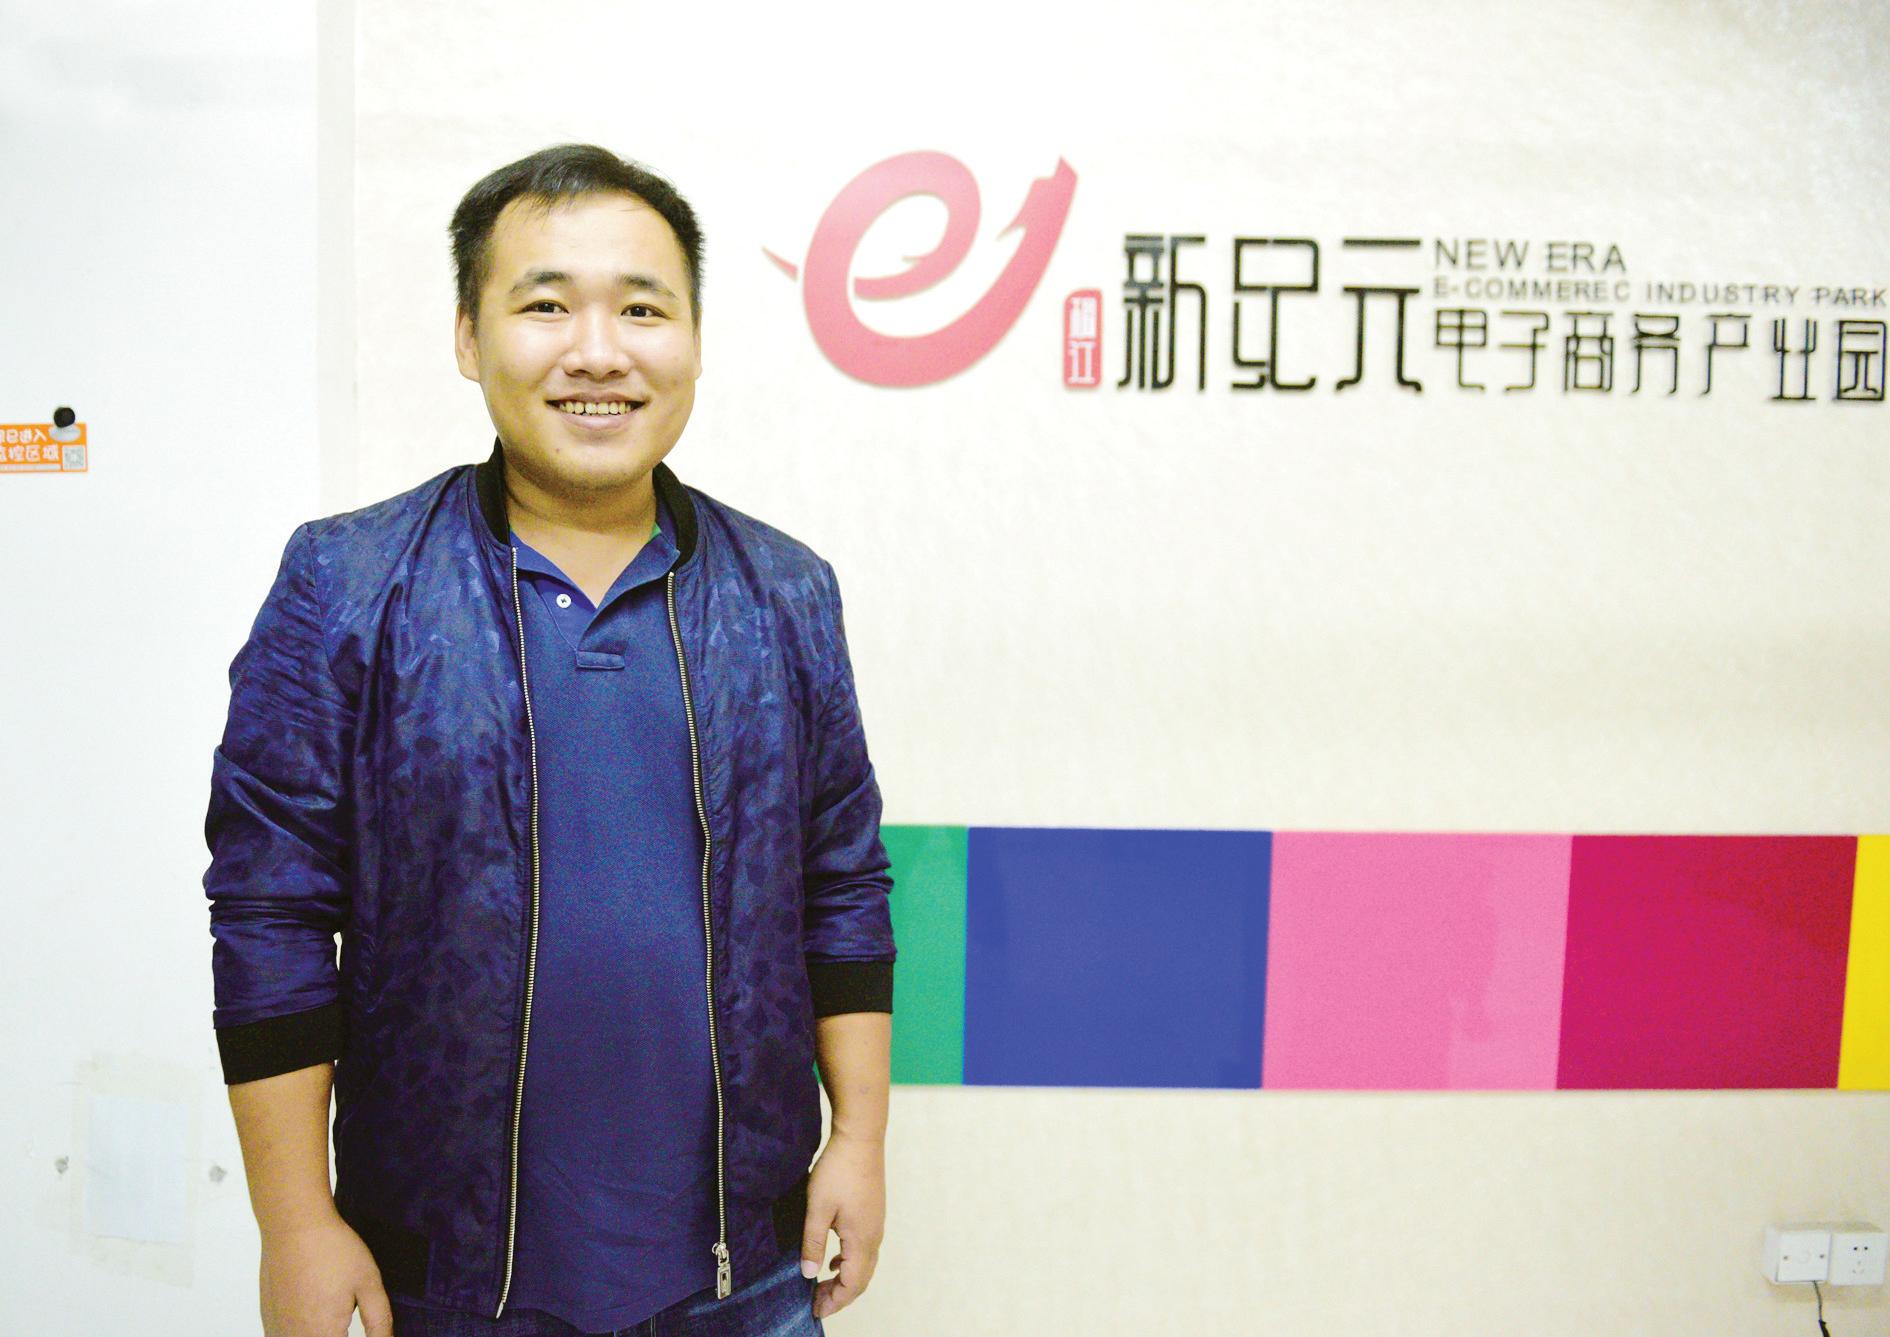 致敬义商 传承梦想(16)刘丰臻: 不甘心做一个守业者